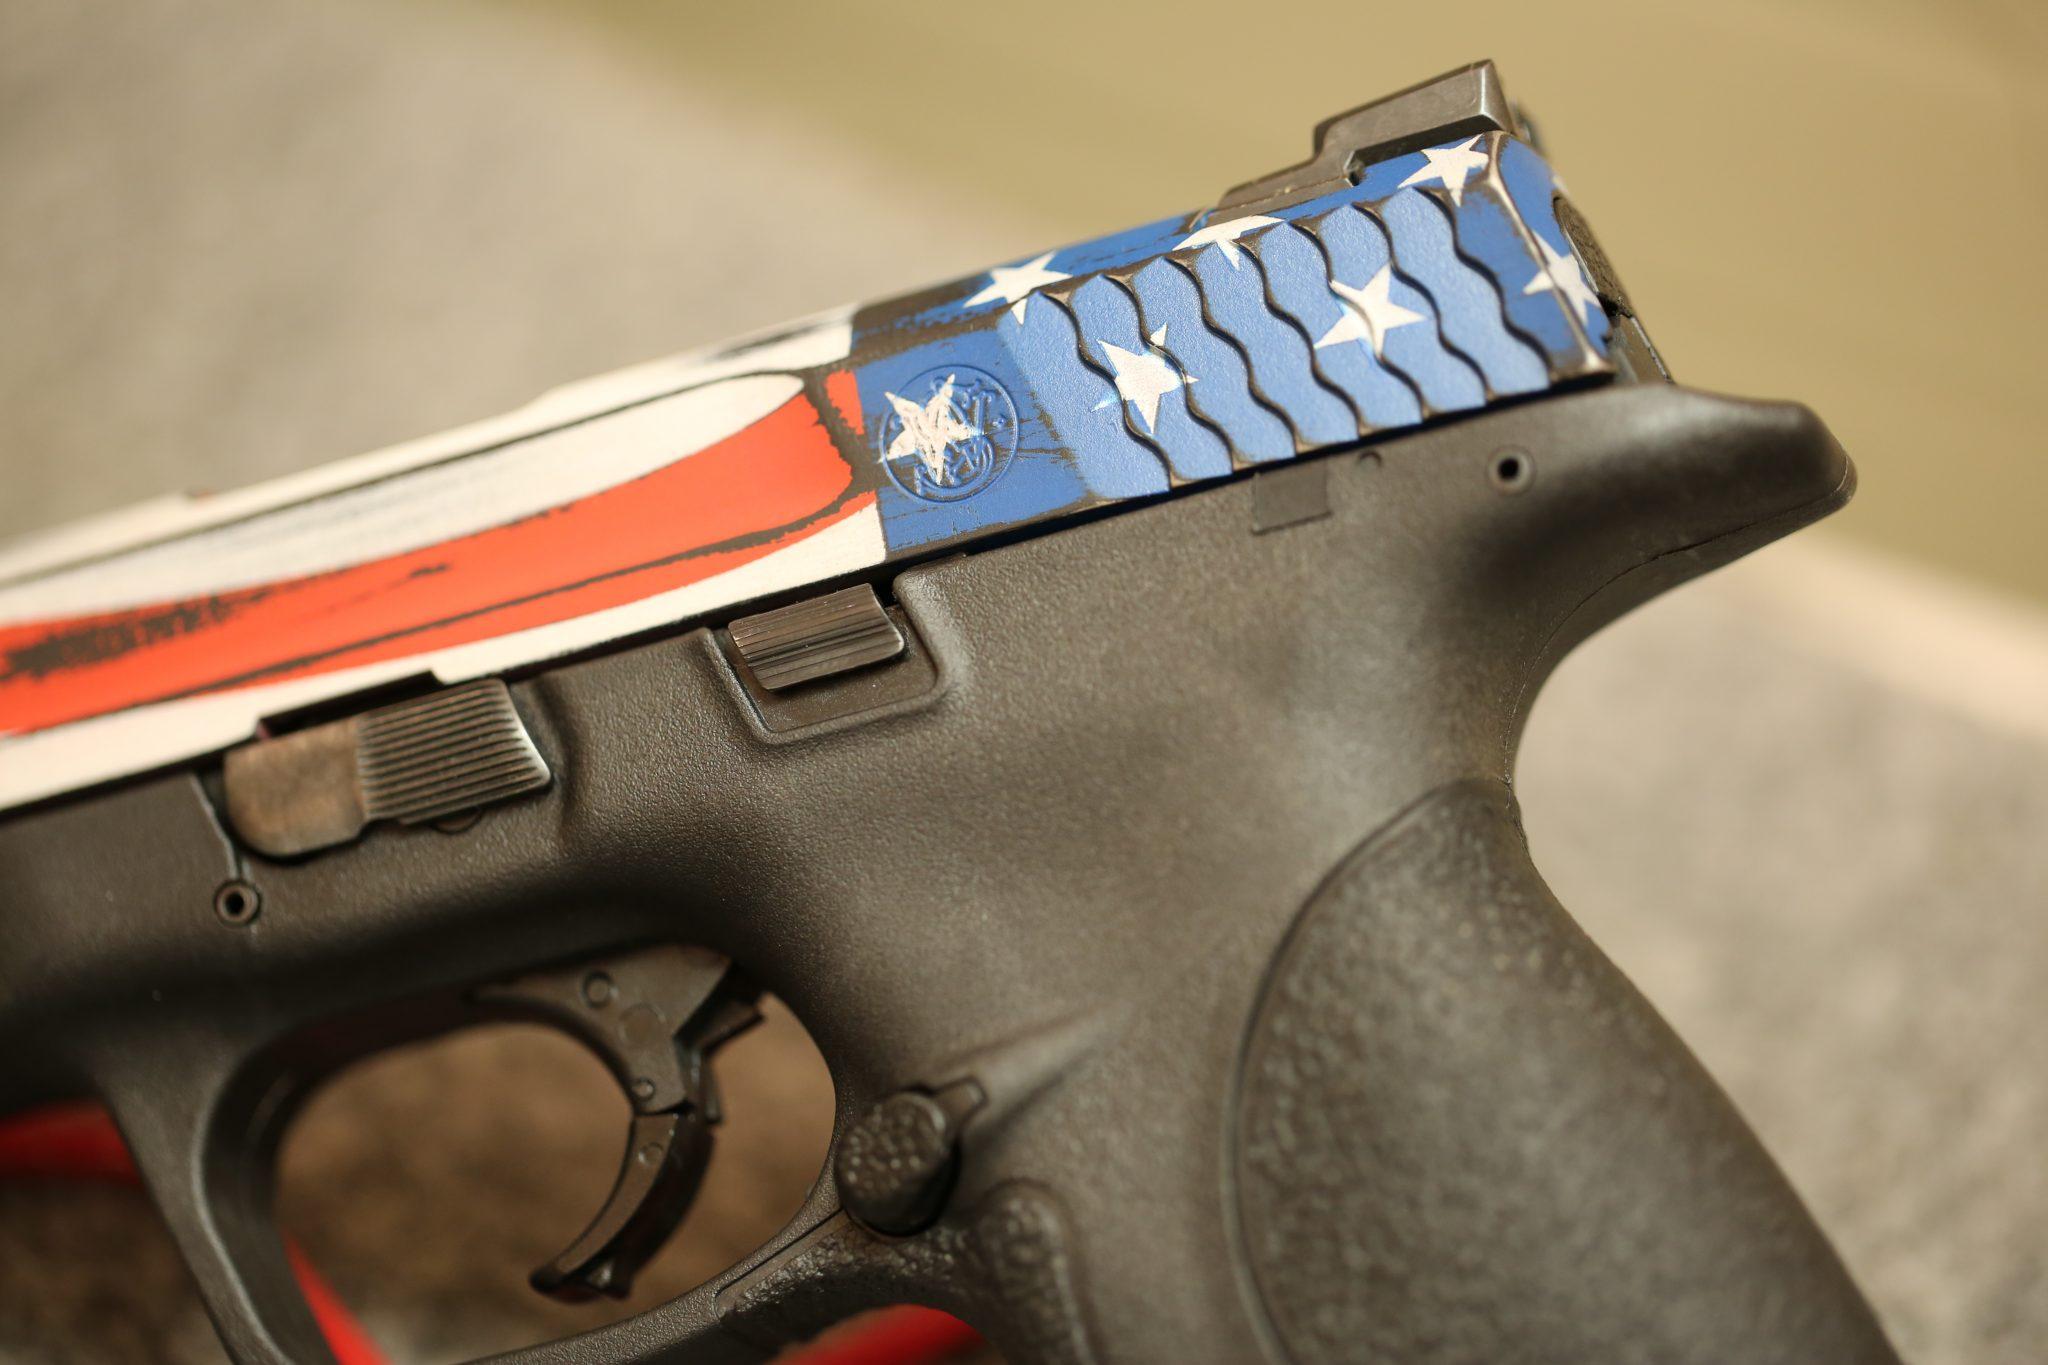 Cerakote Firearm Coatings